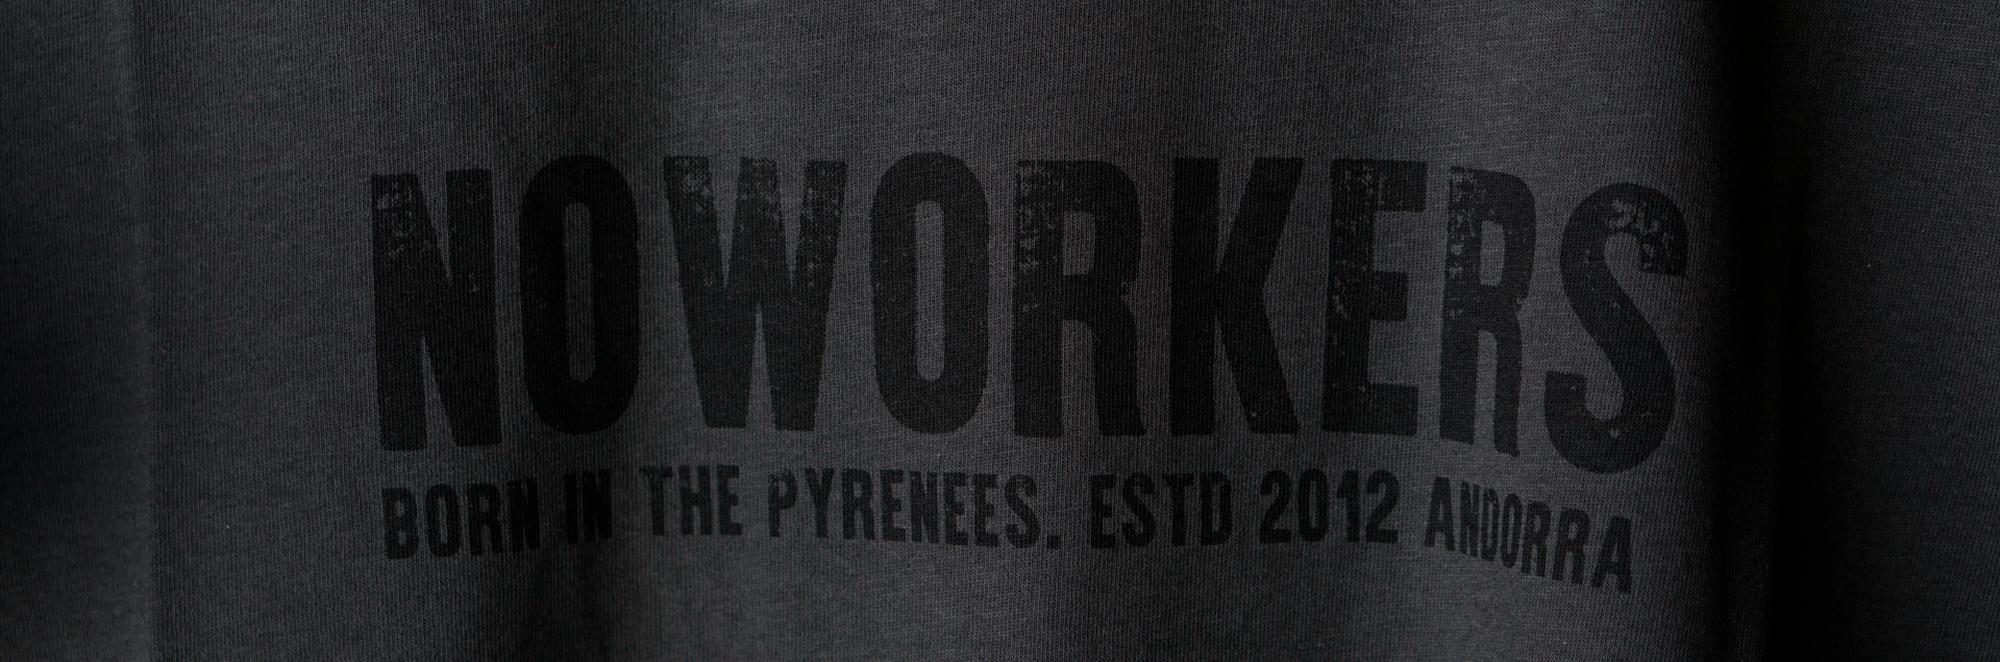 banner-nwpd-streetwear-02